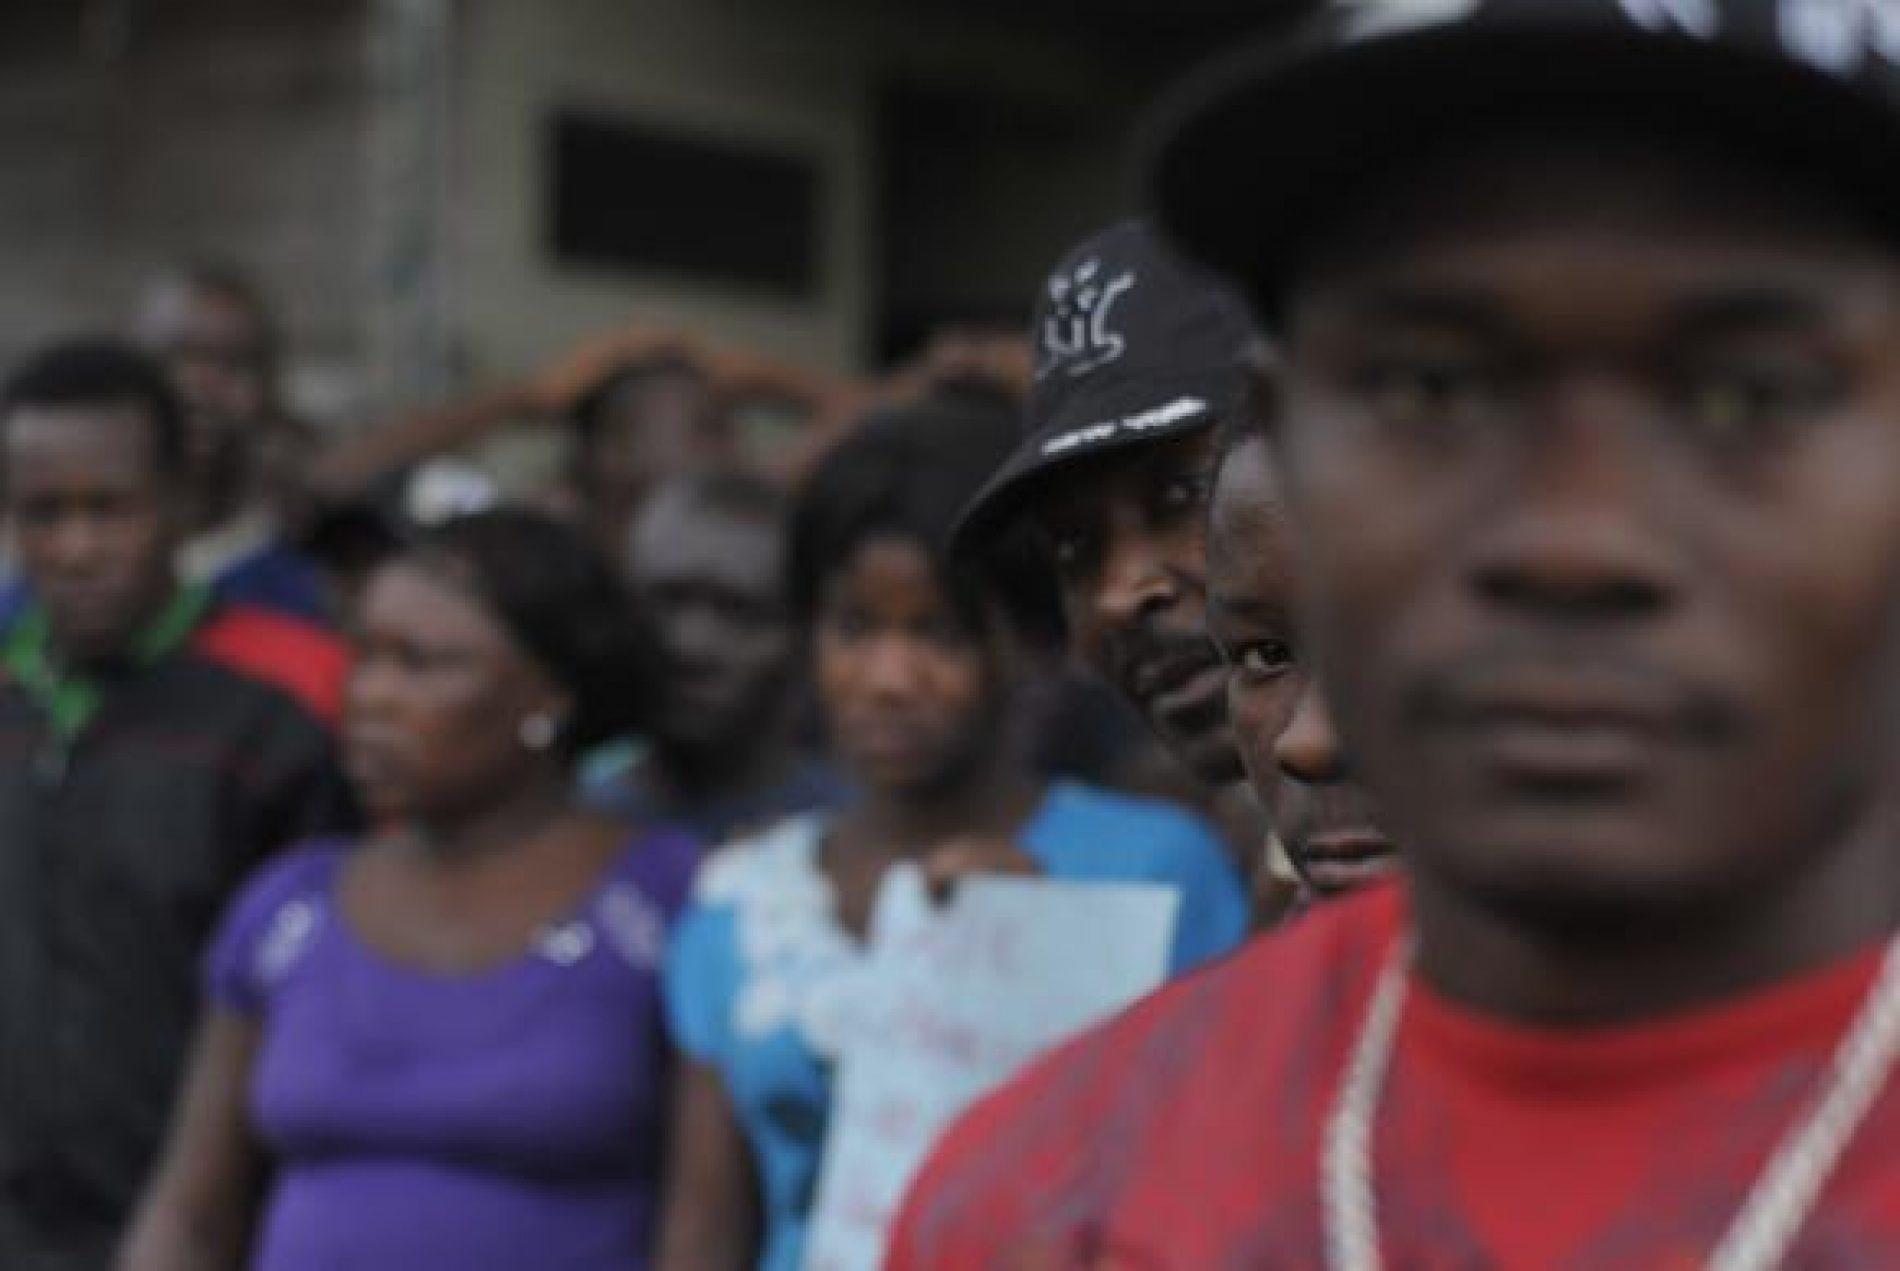 Negros enfrentam mais dificuldades que brancos no mercado de trabalho, diz MPT